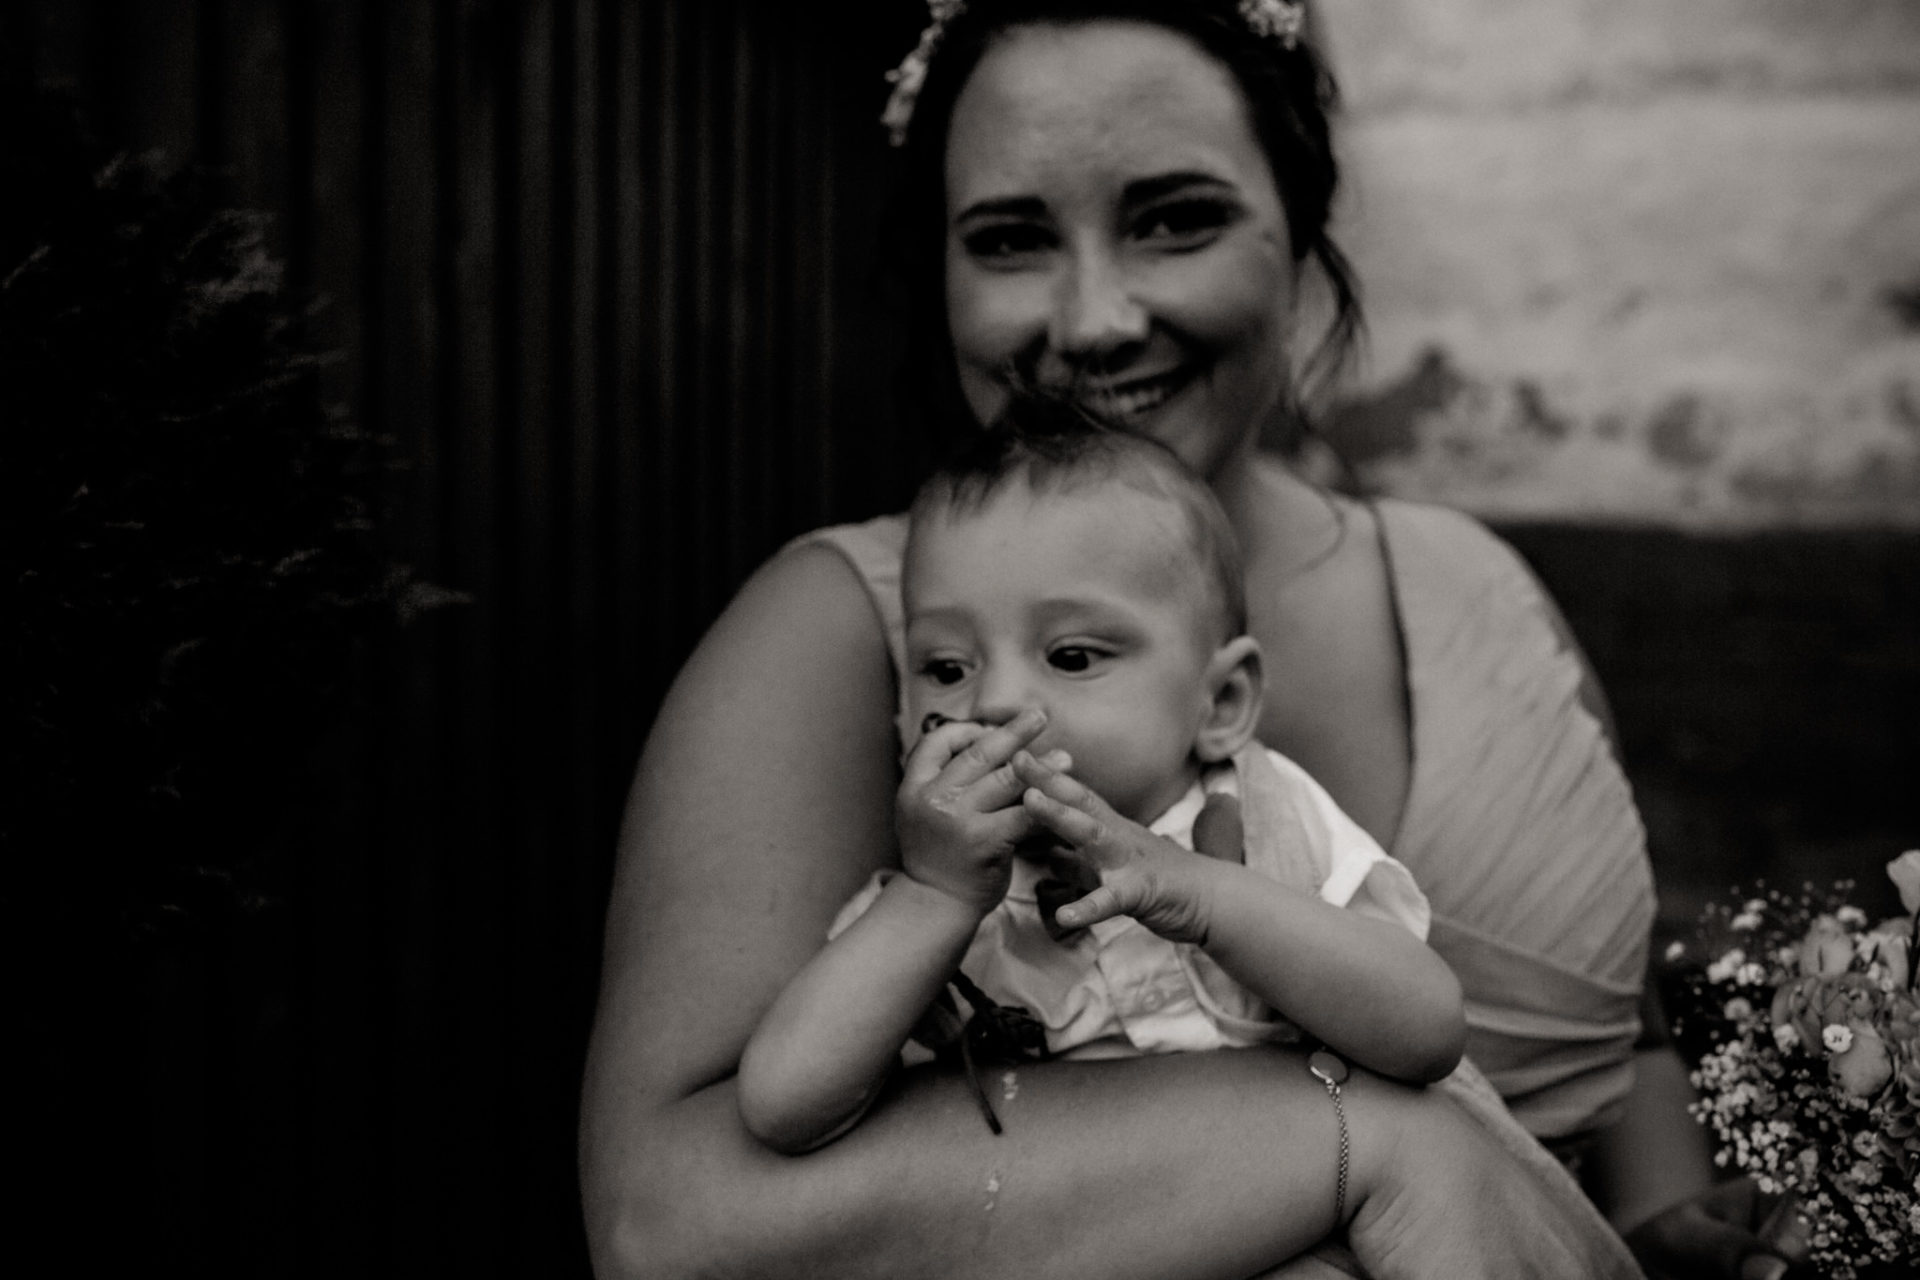 hochzeitsfotograf schloss heinsheim-elegant heiraten-Schafstall Heinsheim-Familienfotos-Natürliche Portraits-baby anzug